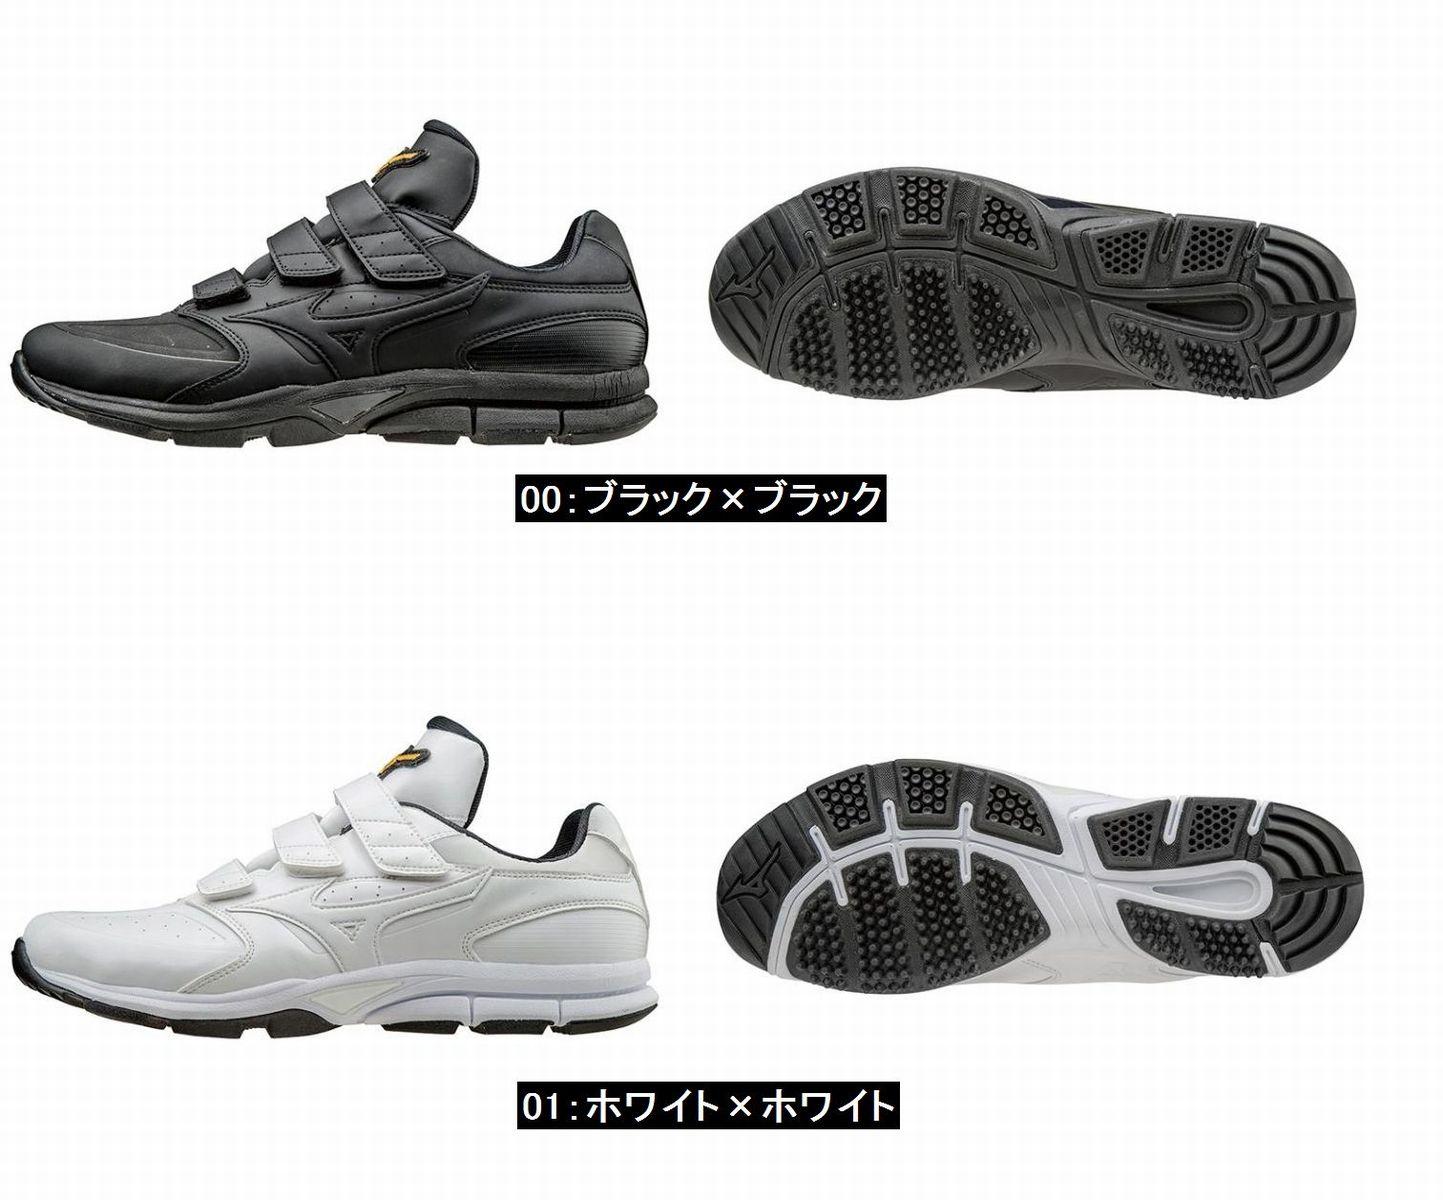 【MIZUNO Pro】ミズノプロトレーナー野球 審判 トレーニングシューズ シューズBaseball training shoes(ブラック×ブラック)(ホワイト×ホワイト)[25.0~29.0、30.0cm]